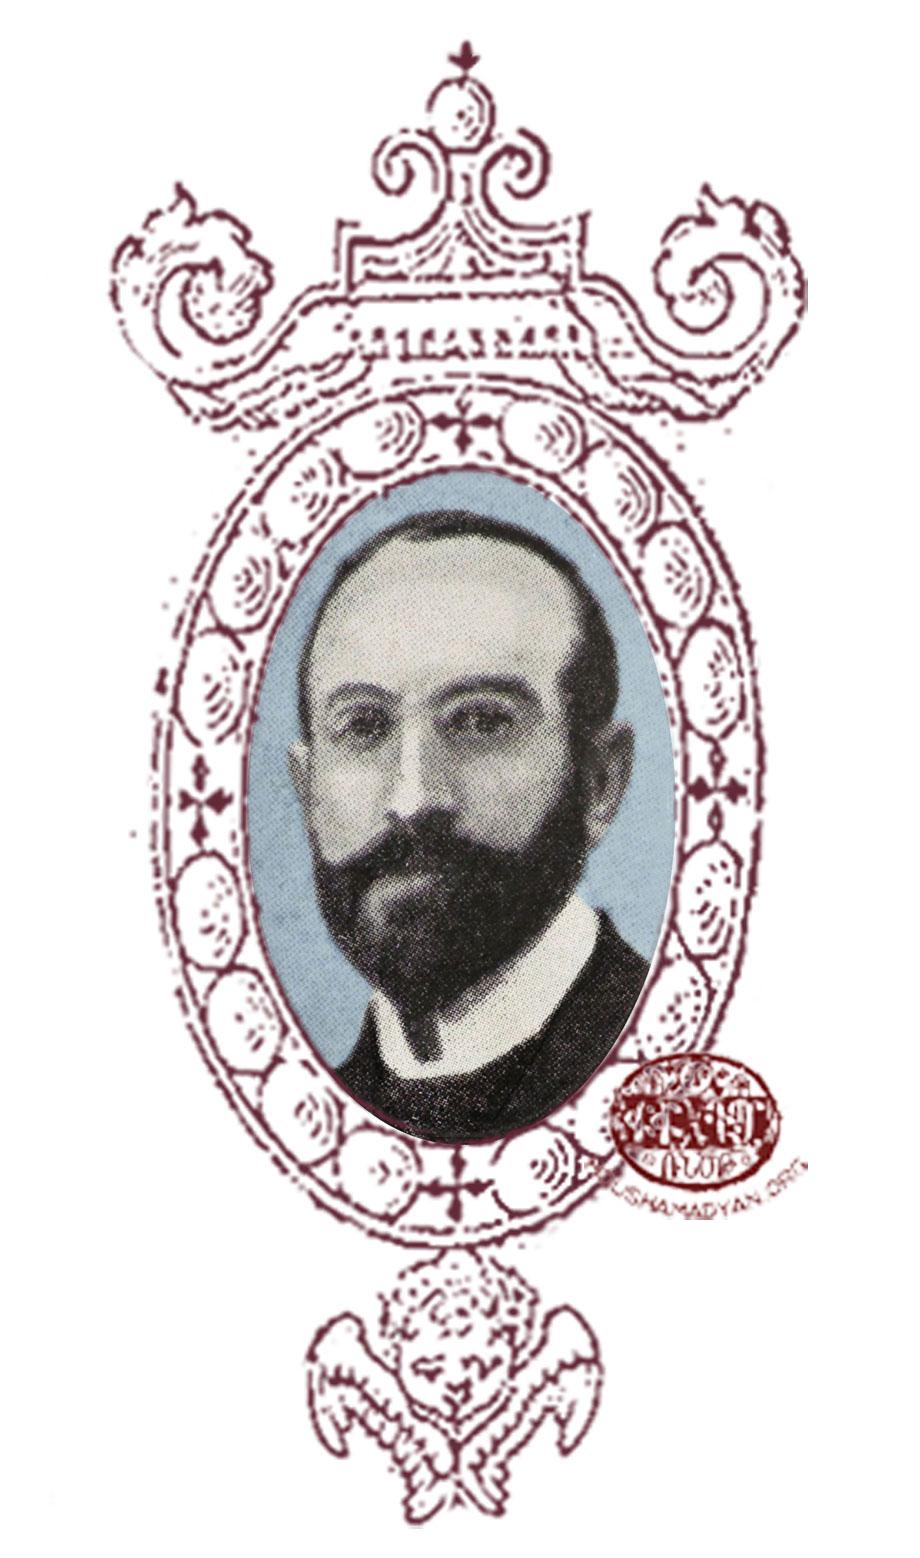 Կարապետ Պէշկէօթիւրեան